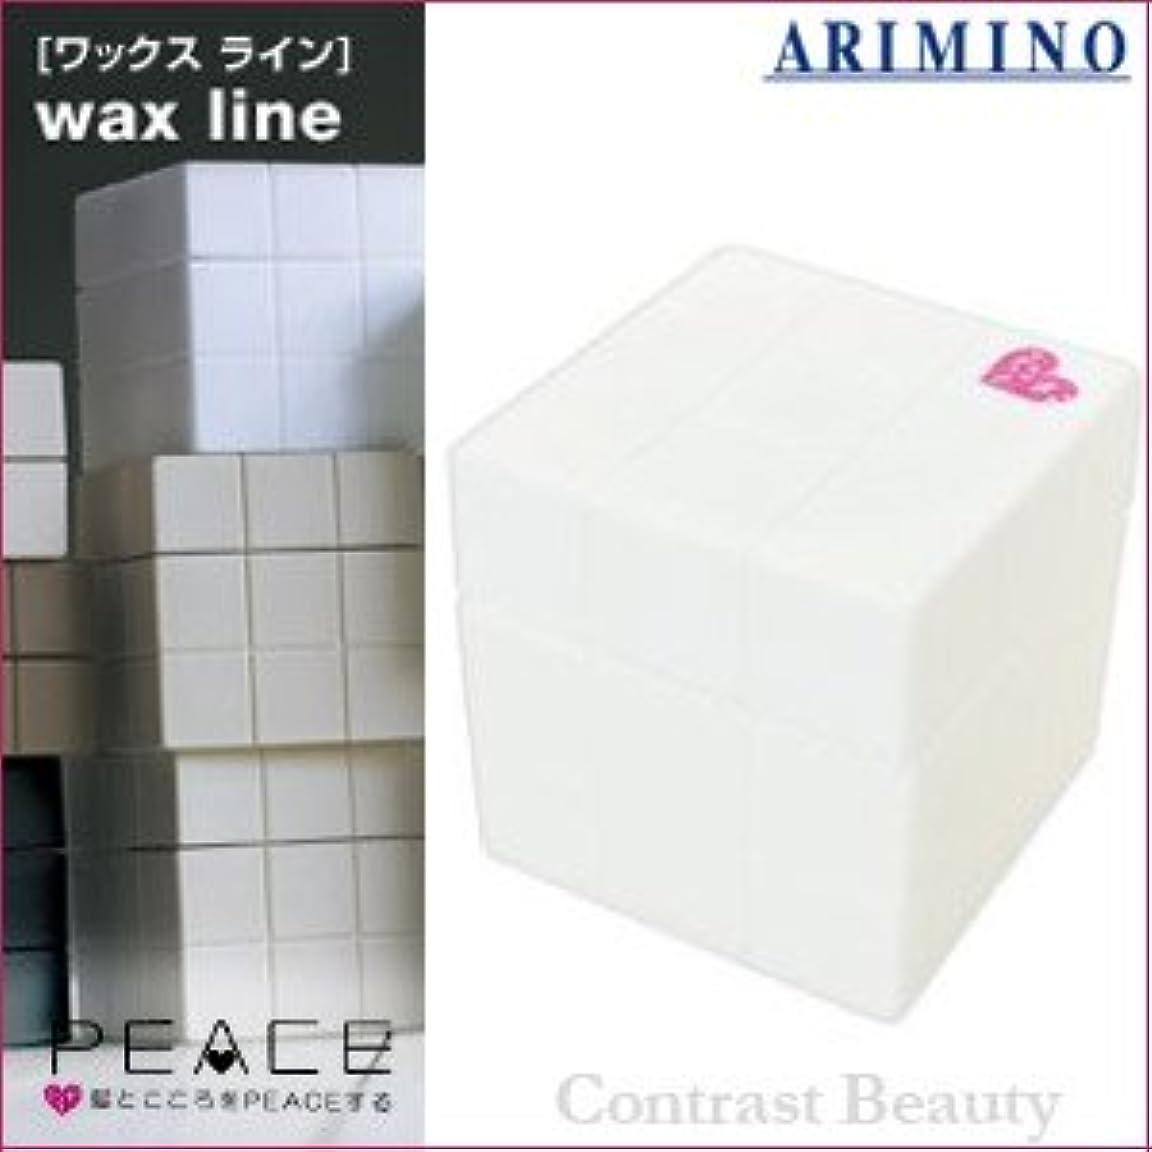 悔い改め基礎理論リップ【X5個セット】 アリミノ ピース プロデザインシリーズ グロスワックス ホワイト 80g ARIMINO